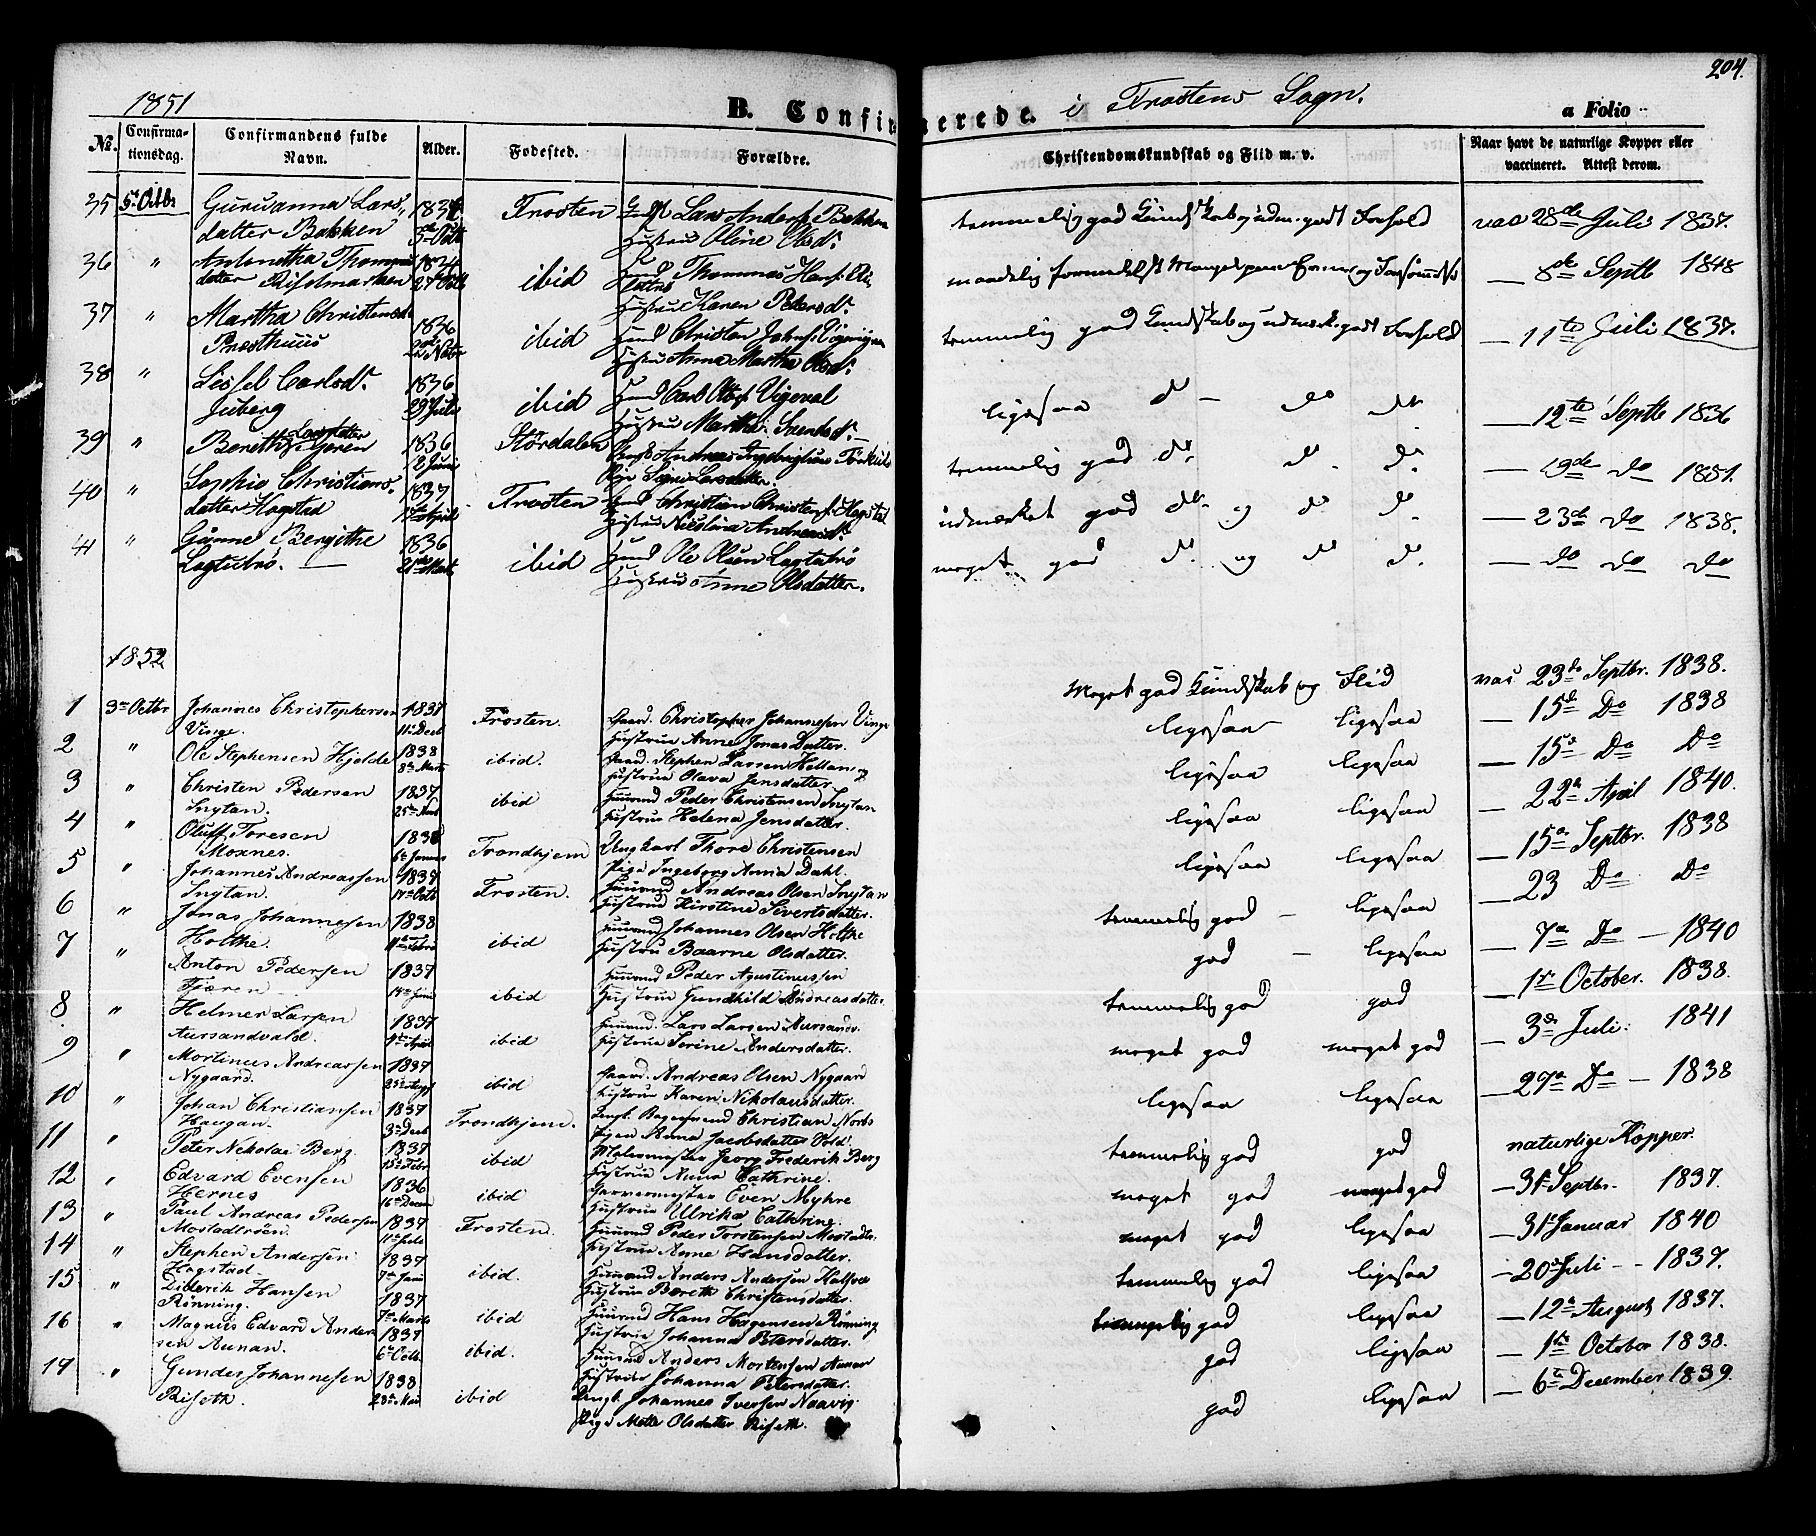 SAT, Ministerialprotokoller, klokkerbøker og fødselsregistre - Nord-Trøndelag, 713/L0116: Ministerialbok nr. 713A07 /1, 1850-1877, s. 204